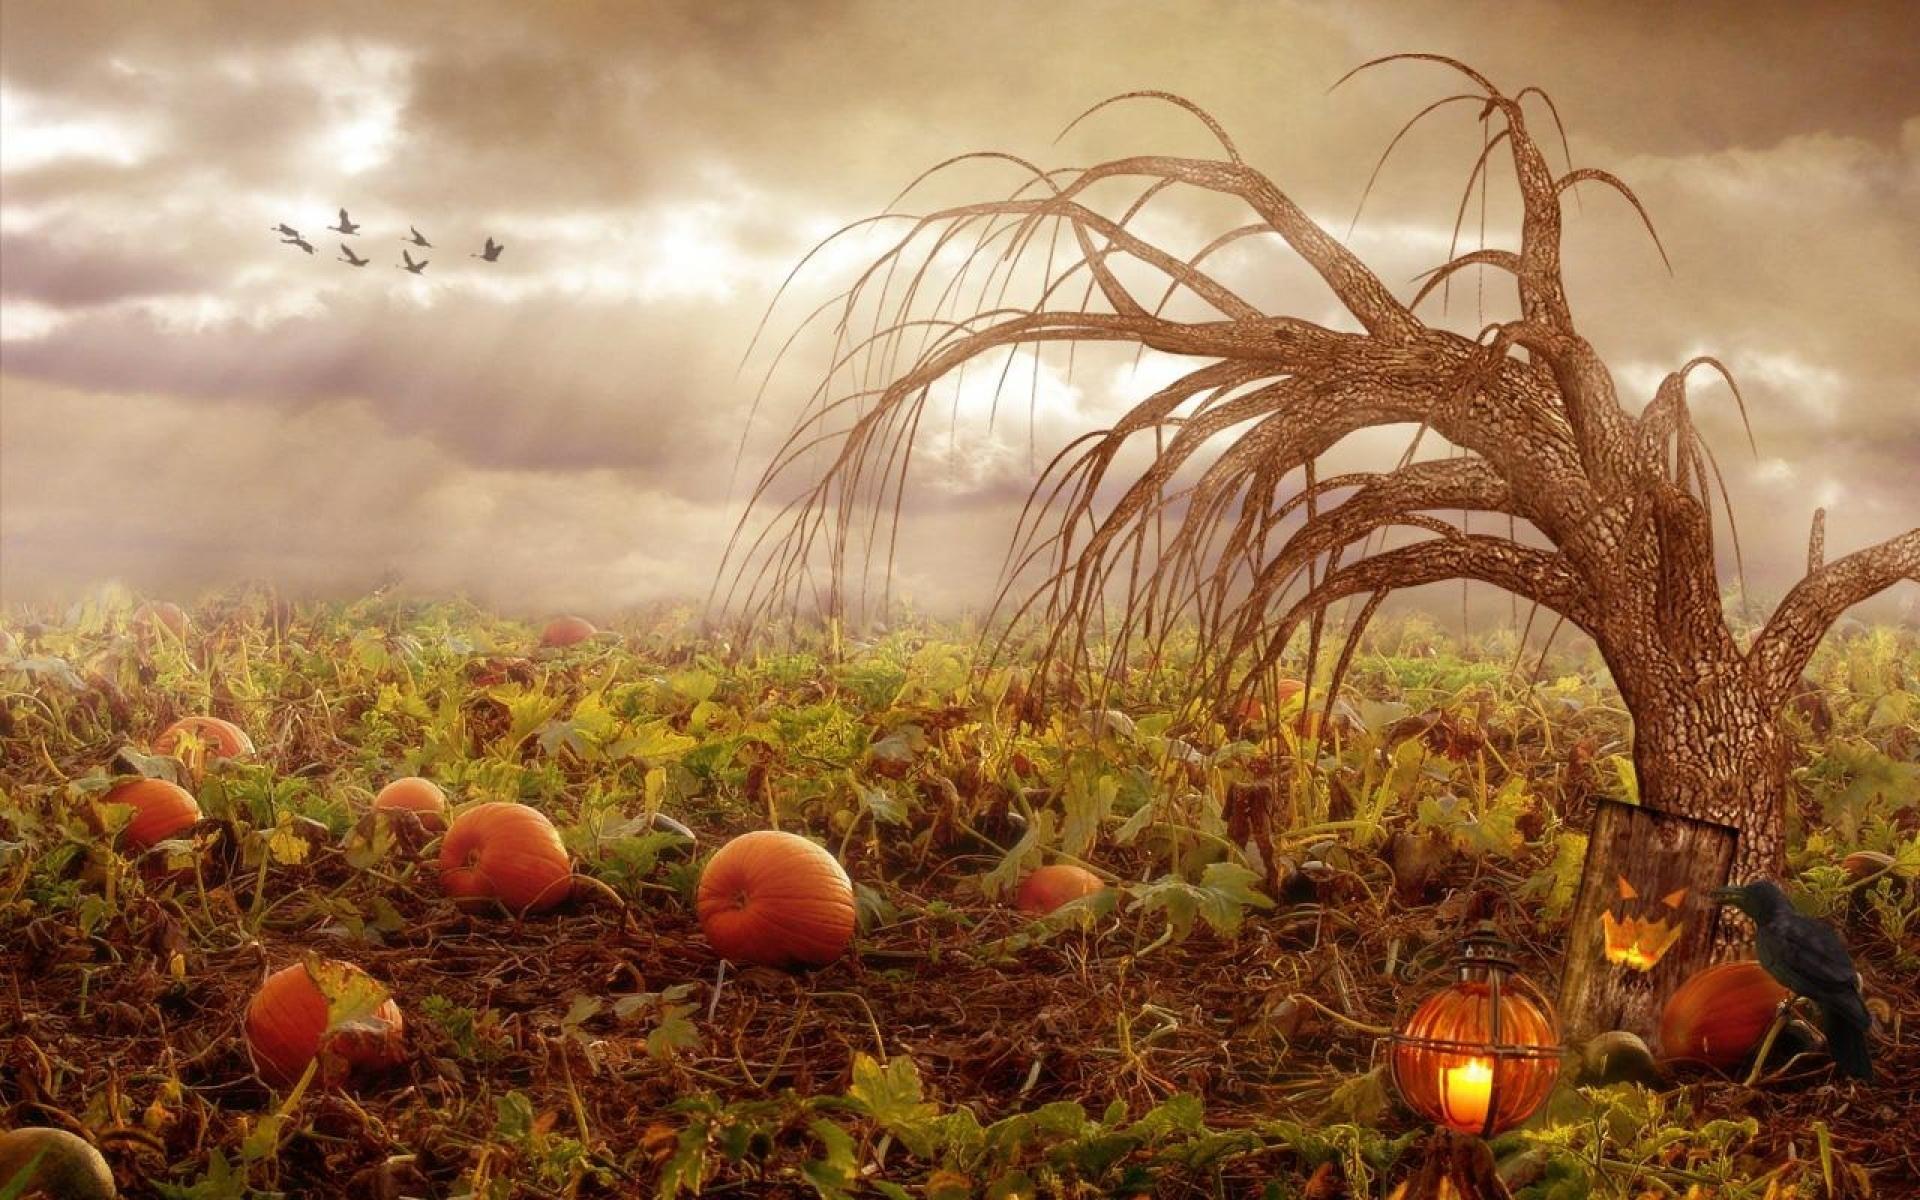 Pumpkin patch halloween autumn wallpaper | | 480122 | WallpaperUP